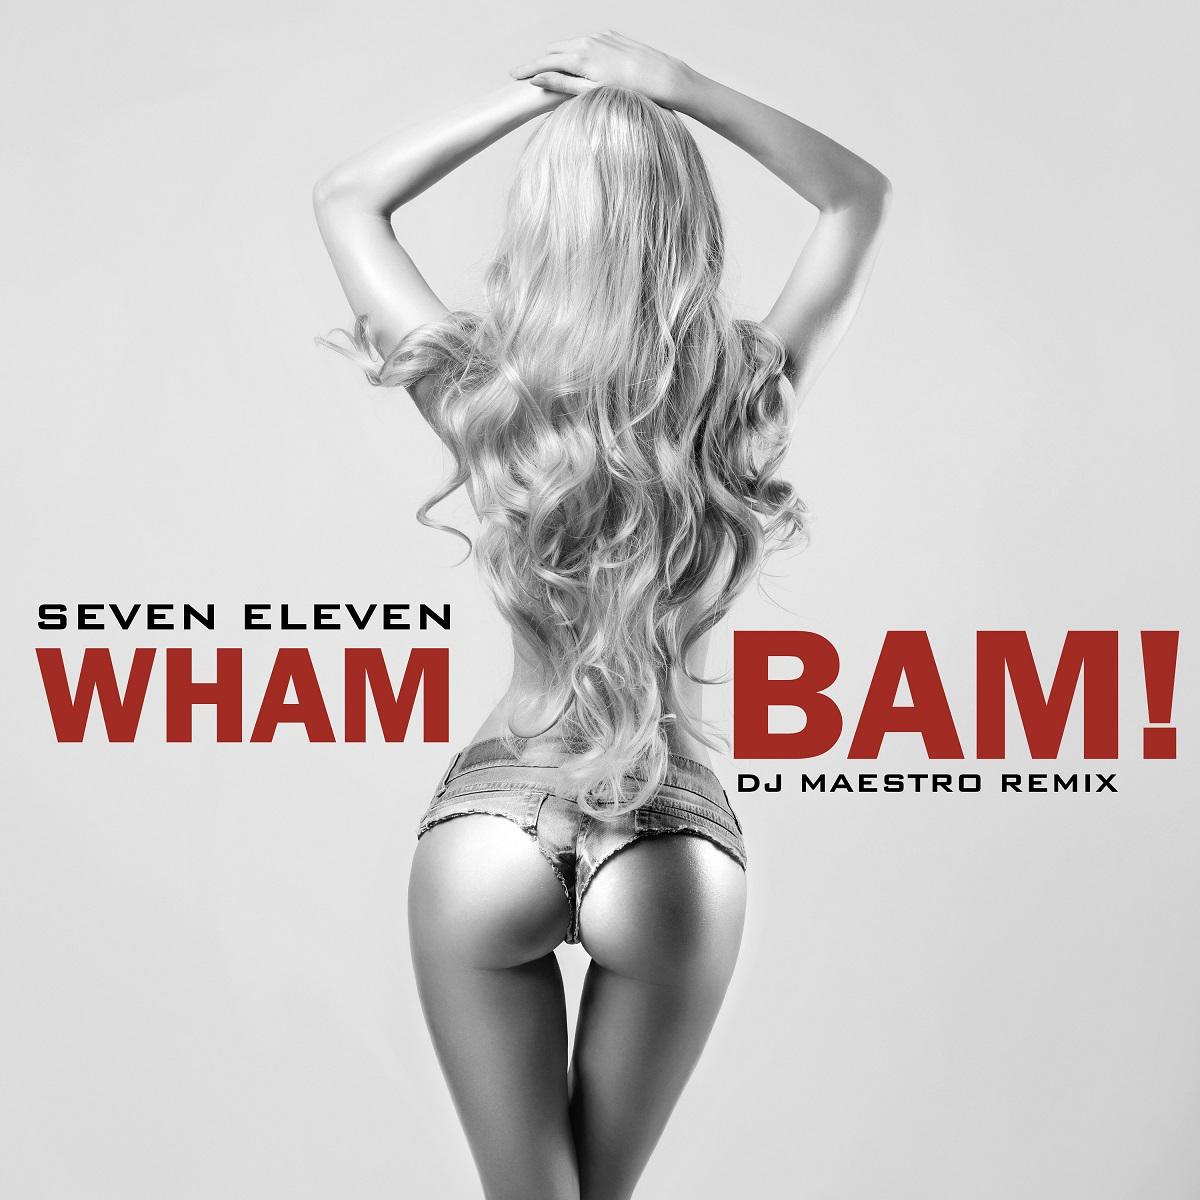 Seven Eleven - Wham Bam (cover)